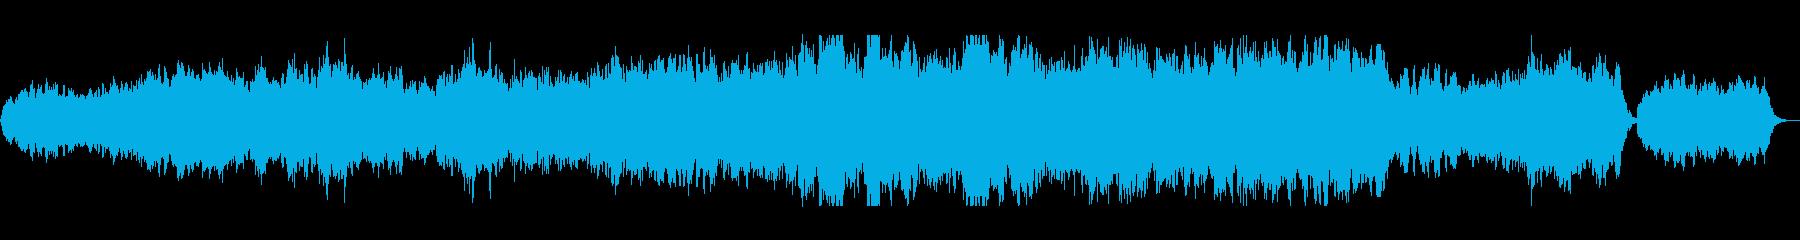 オーケストラとコーラスがマッチした一曲の再生済みの波形